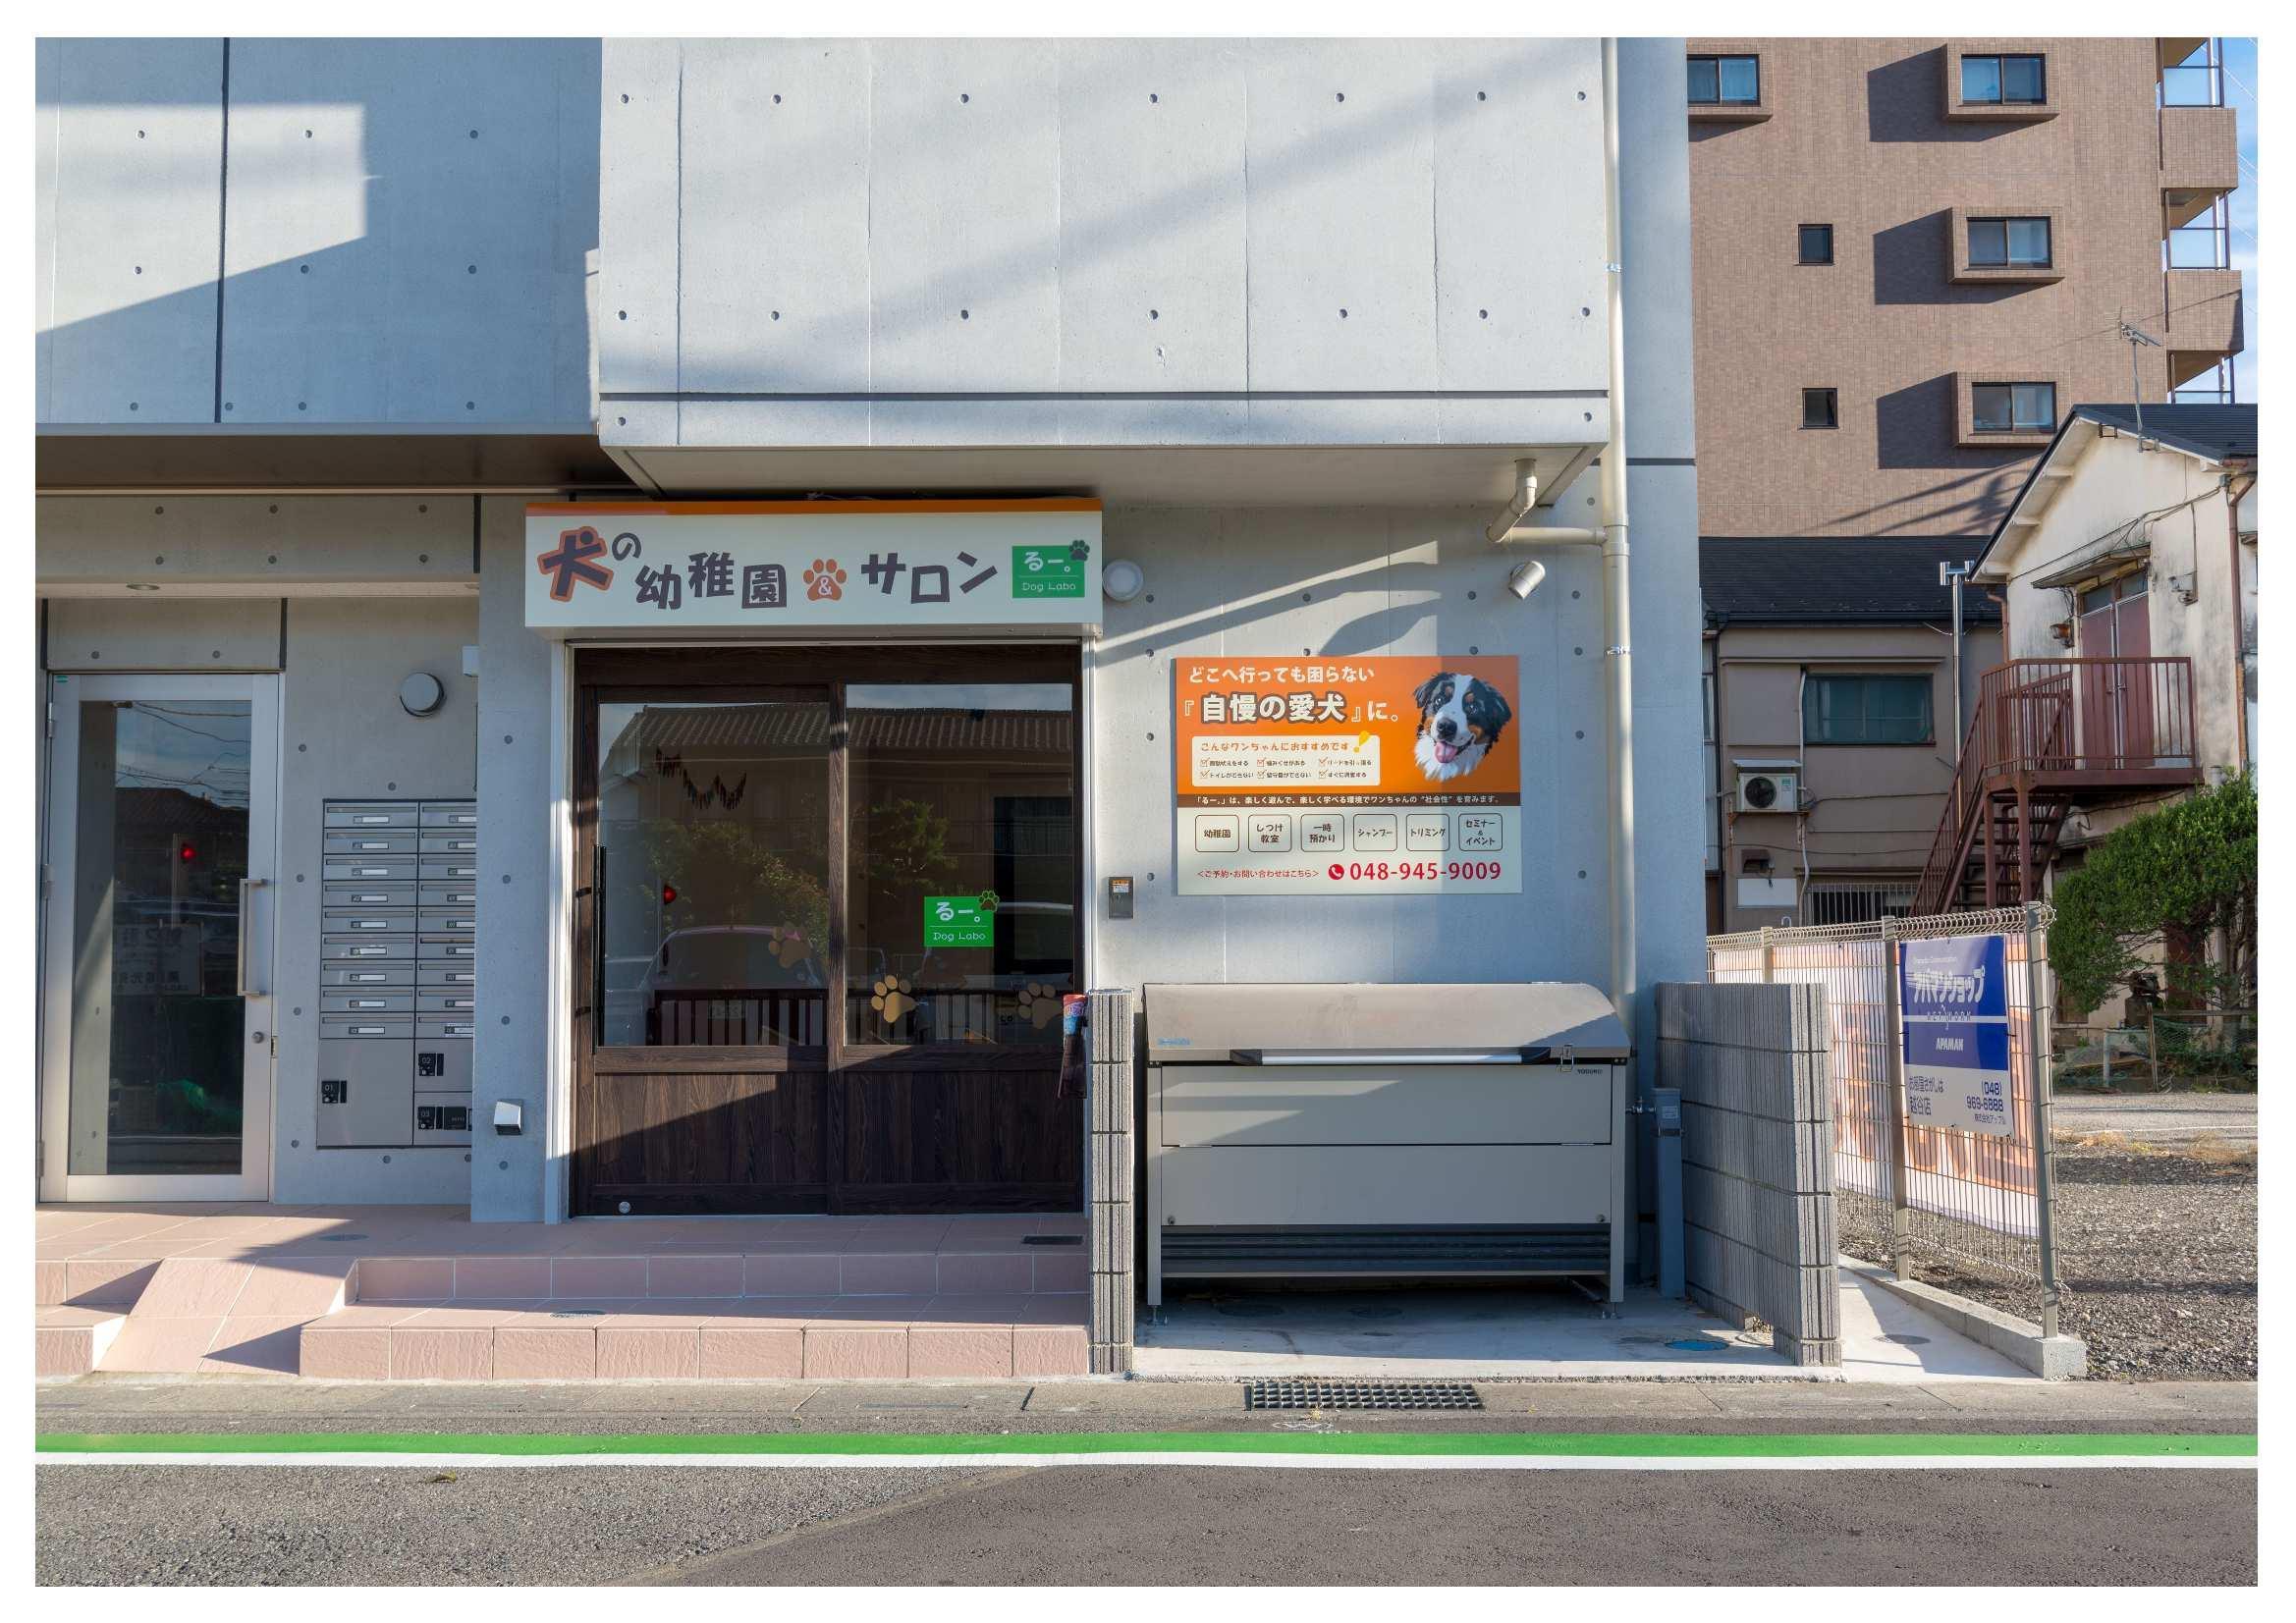 【トリマー急募!!】 オープンしたばかりのお店です